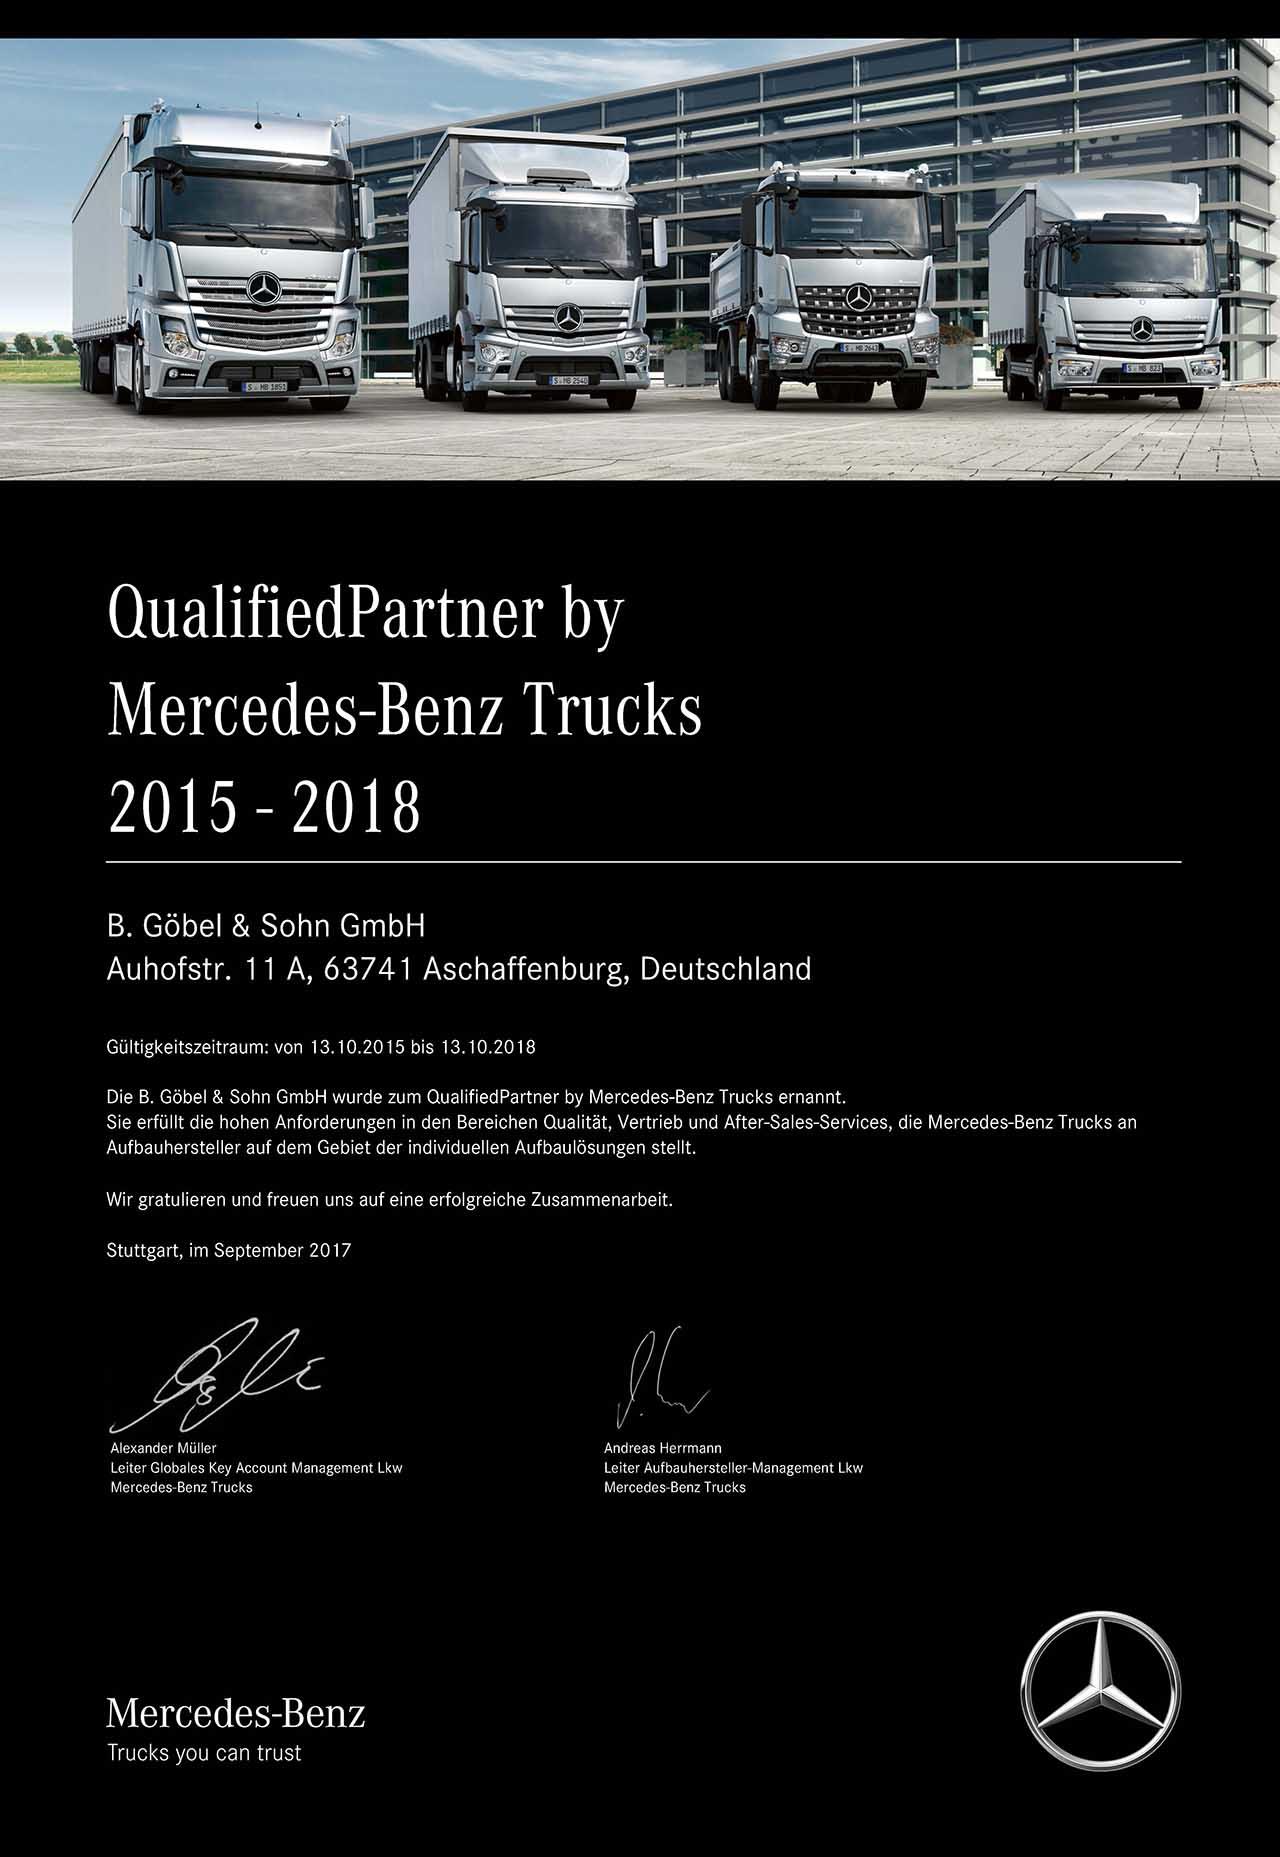 Abbildung der Zertifizierung von Mercedes-Benz Trucks